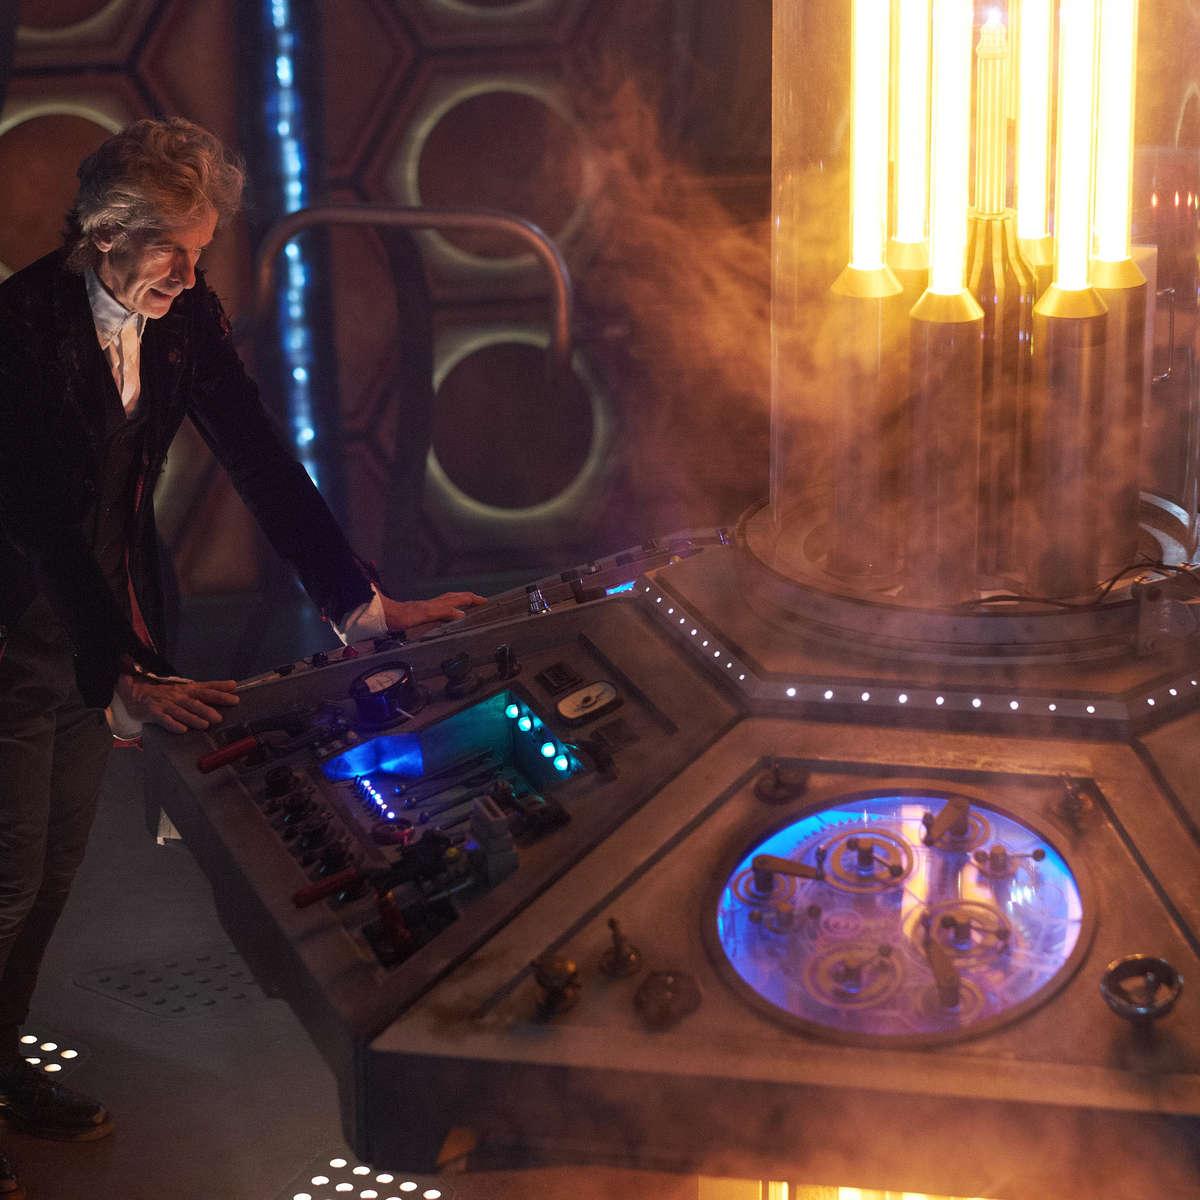 doctor-who-twice-upon-a-time-tardis.jpg